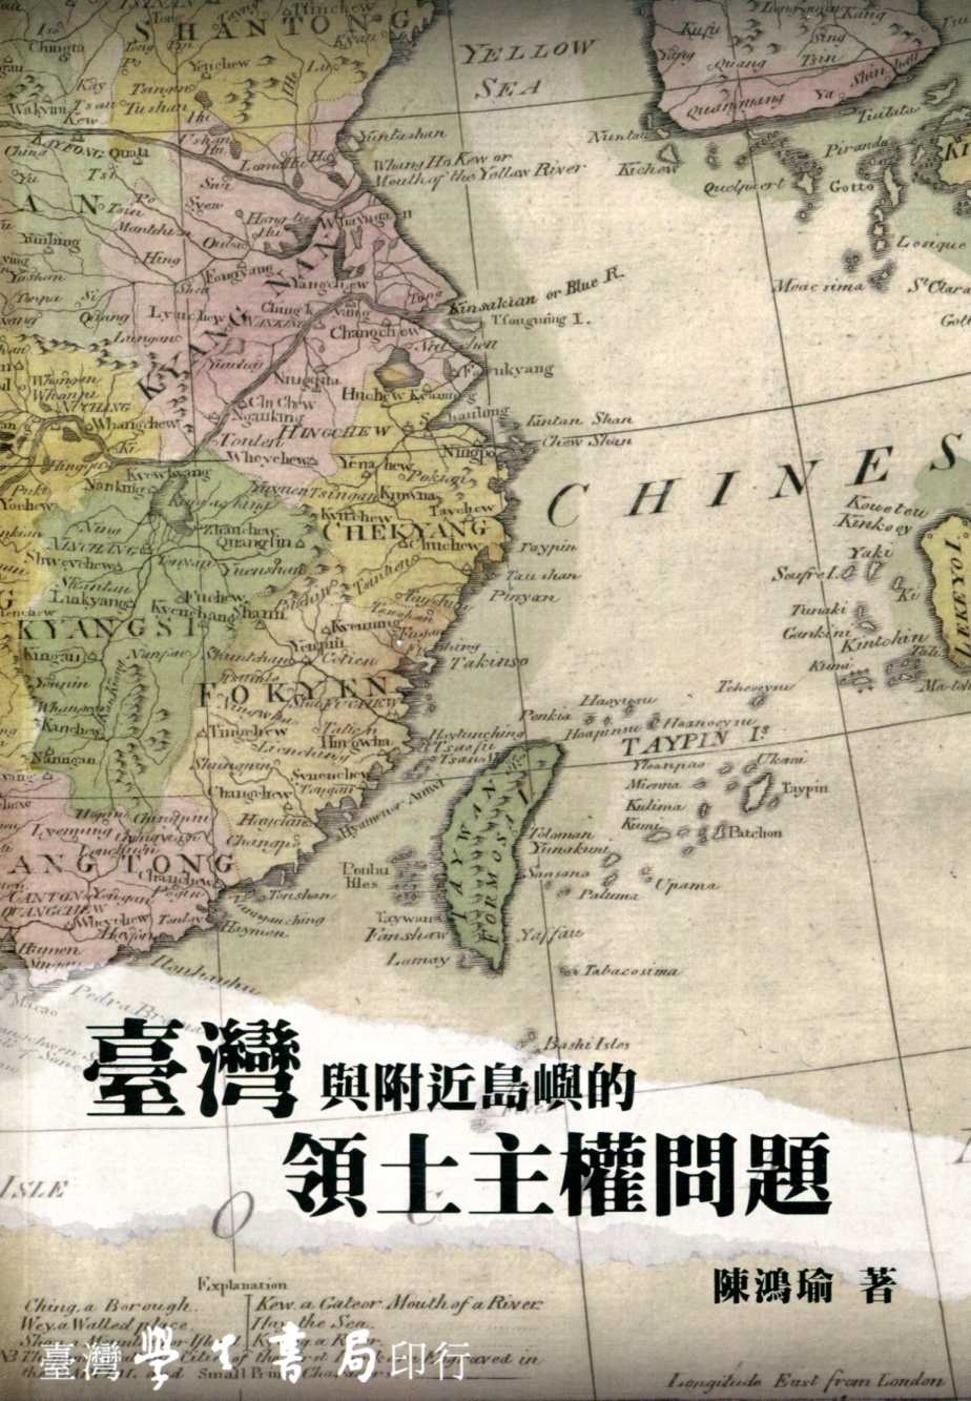 台灣與附近島嶼的領土主權問題